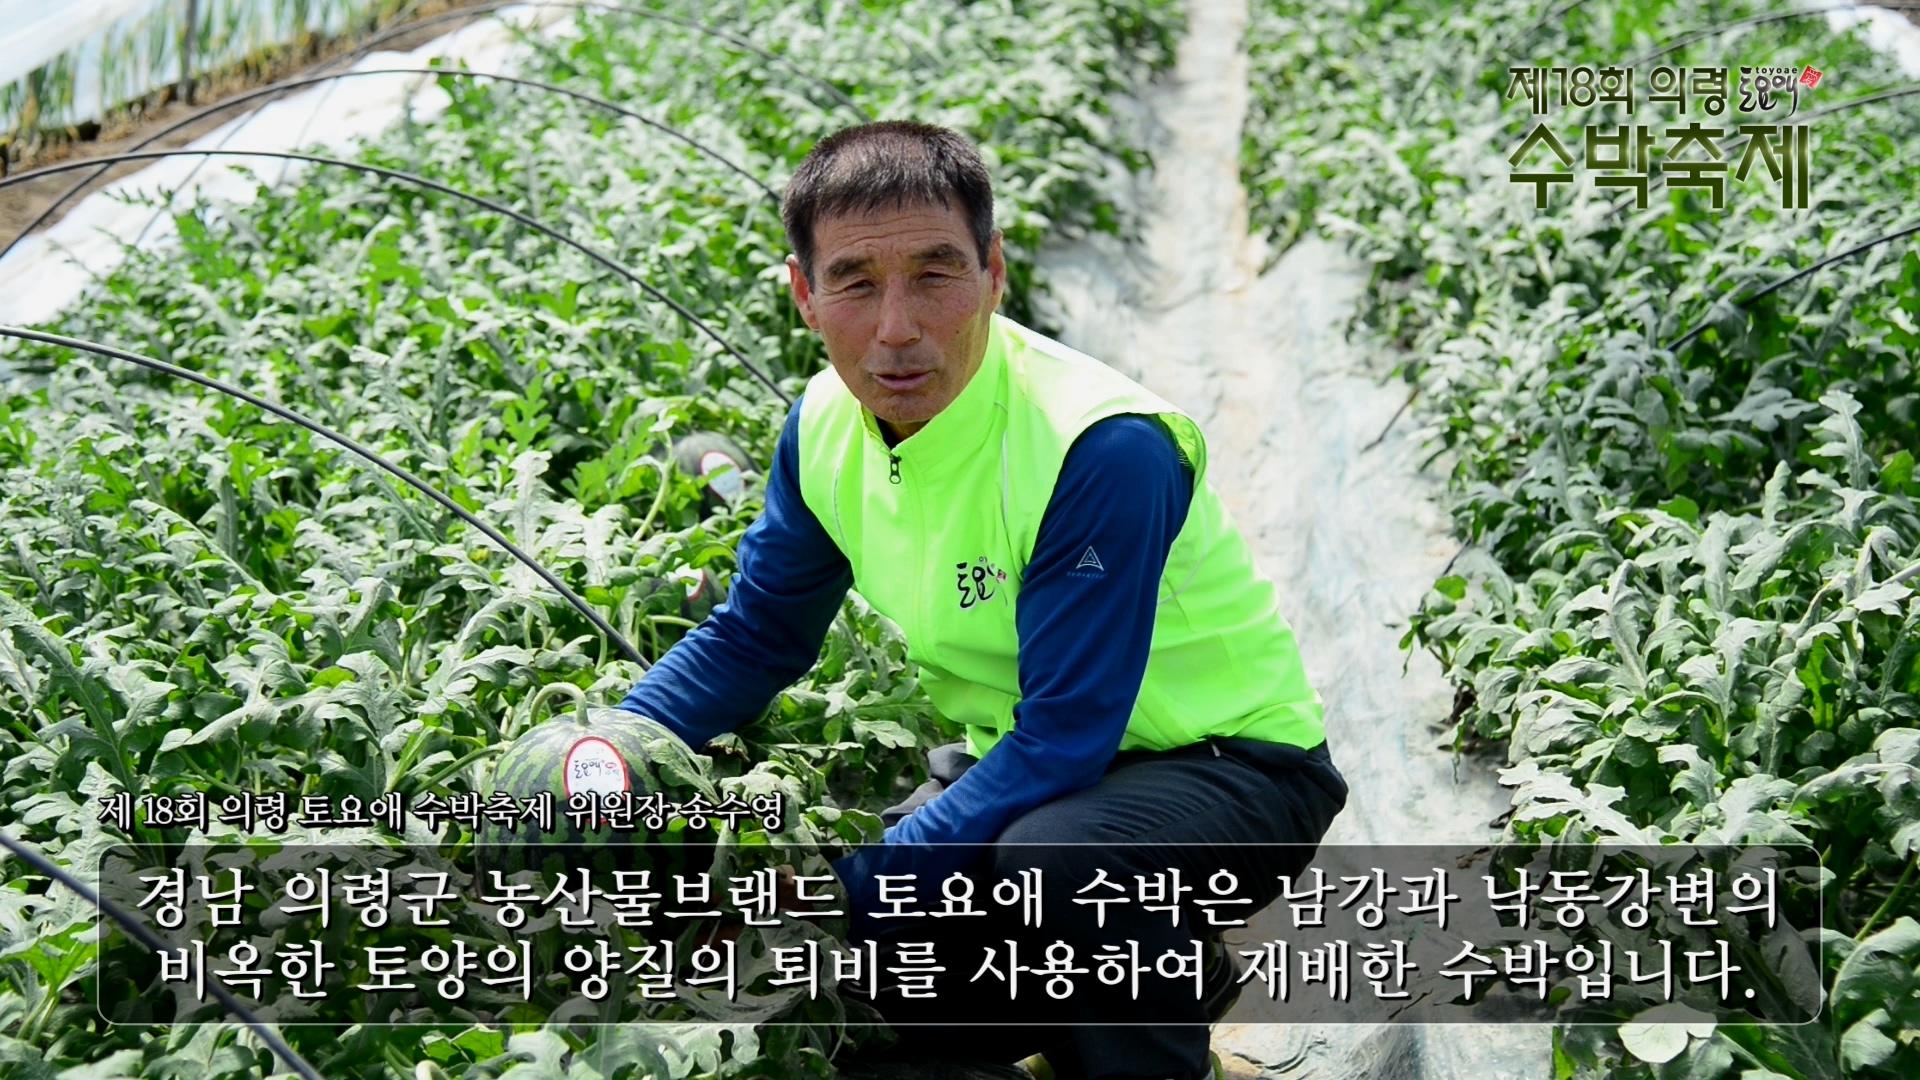 의령토요애수박축제홍보스케치영상.mp4_20180418_201922.840.jpg